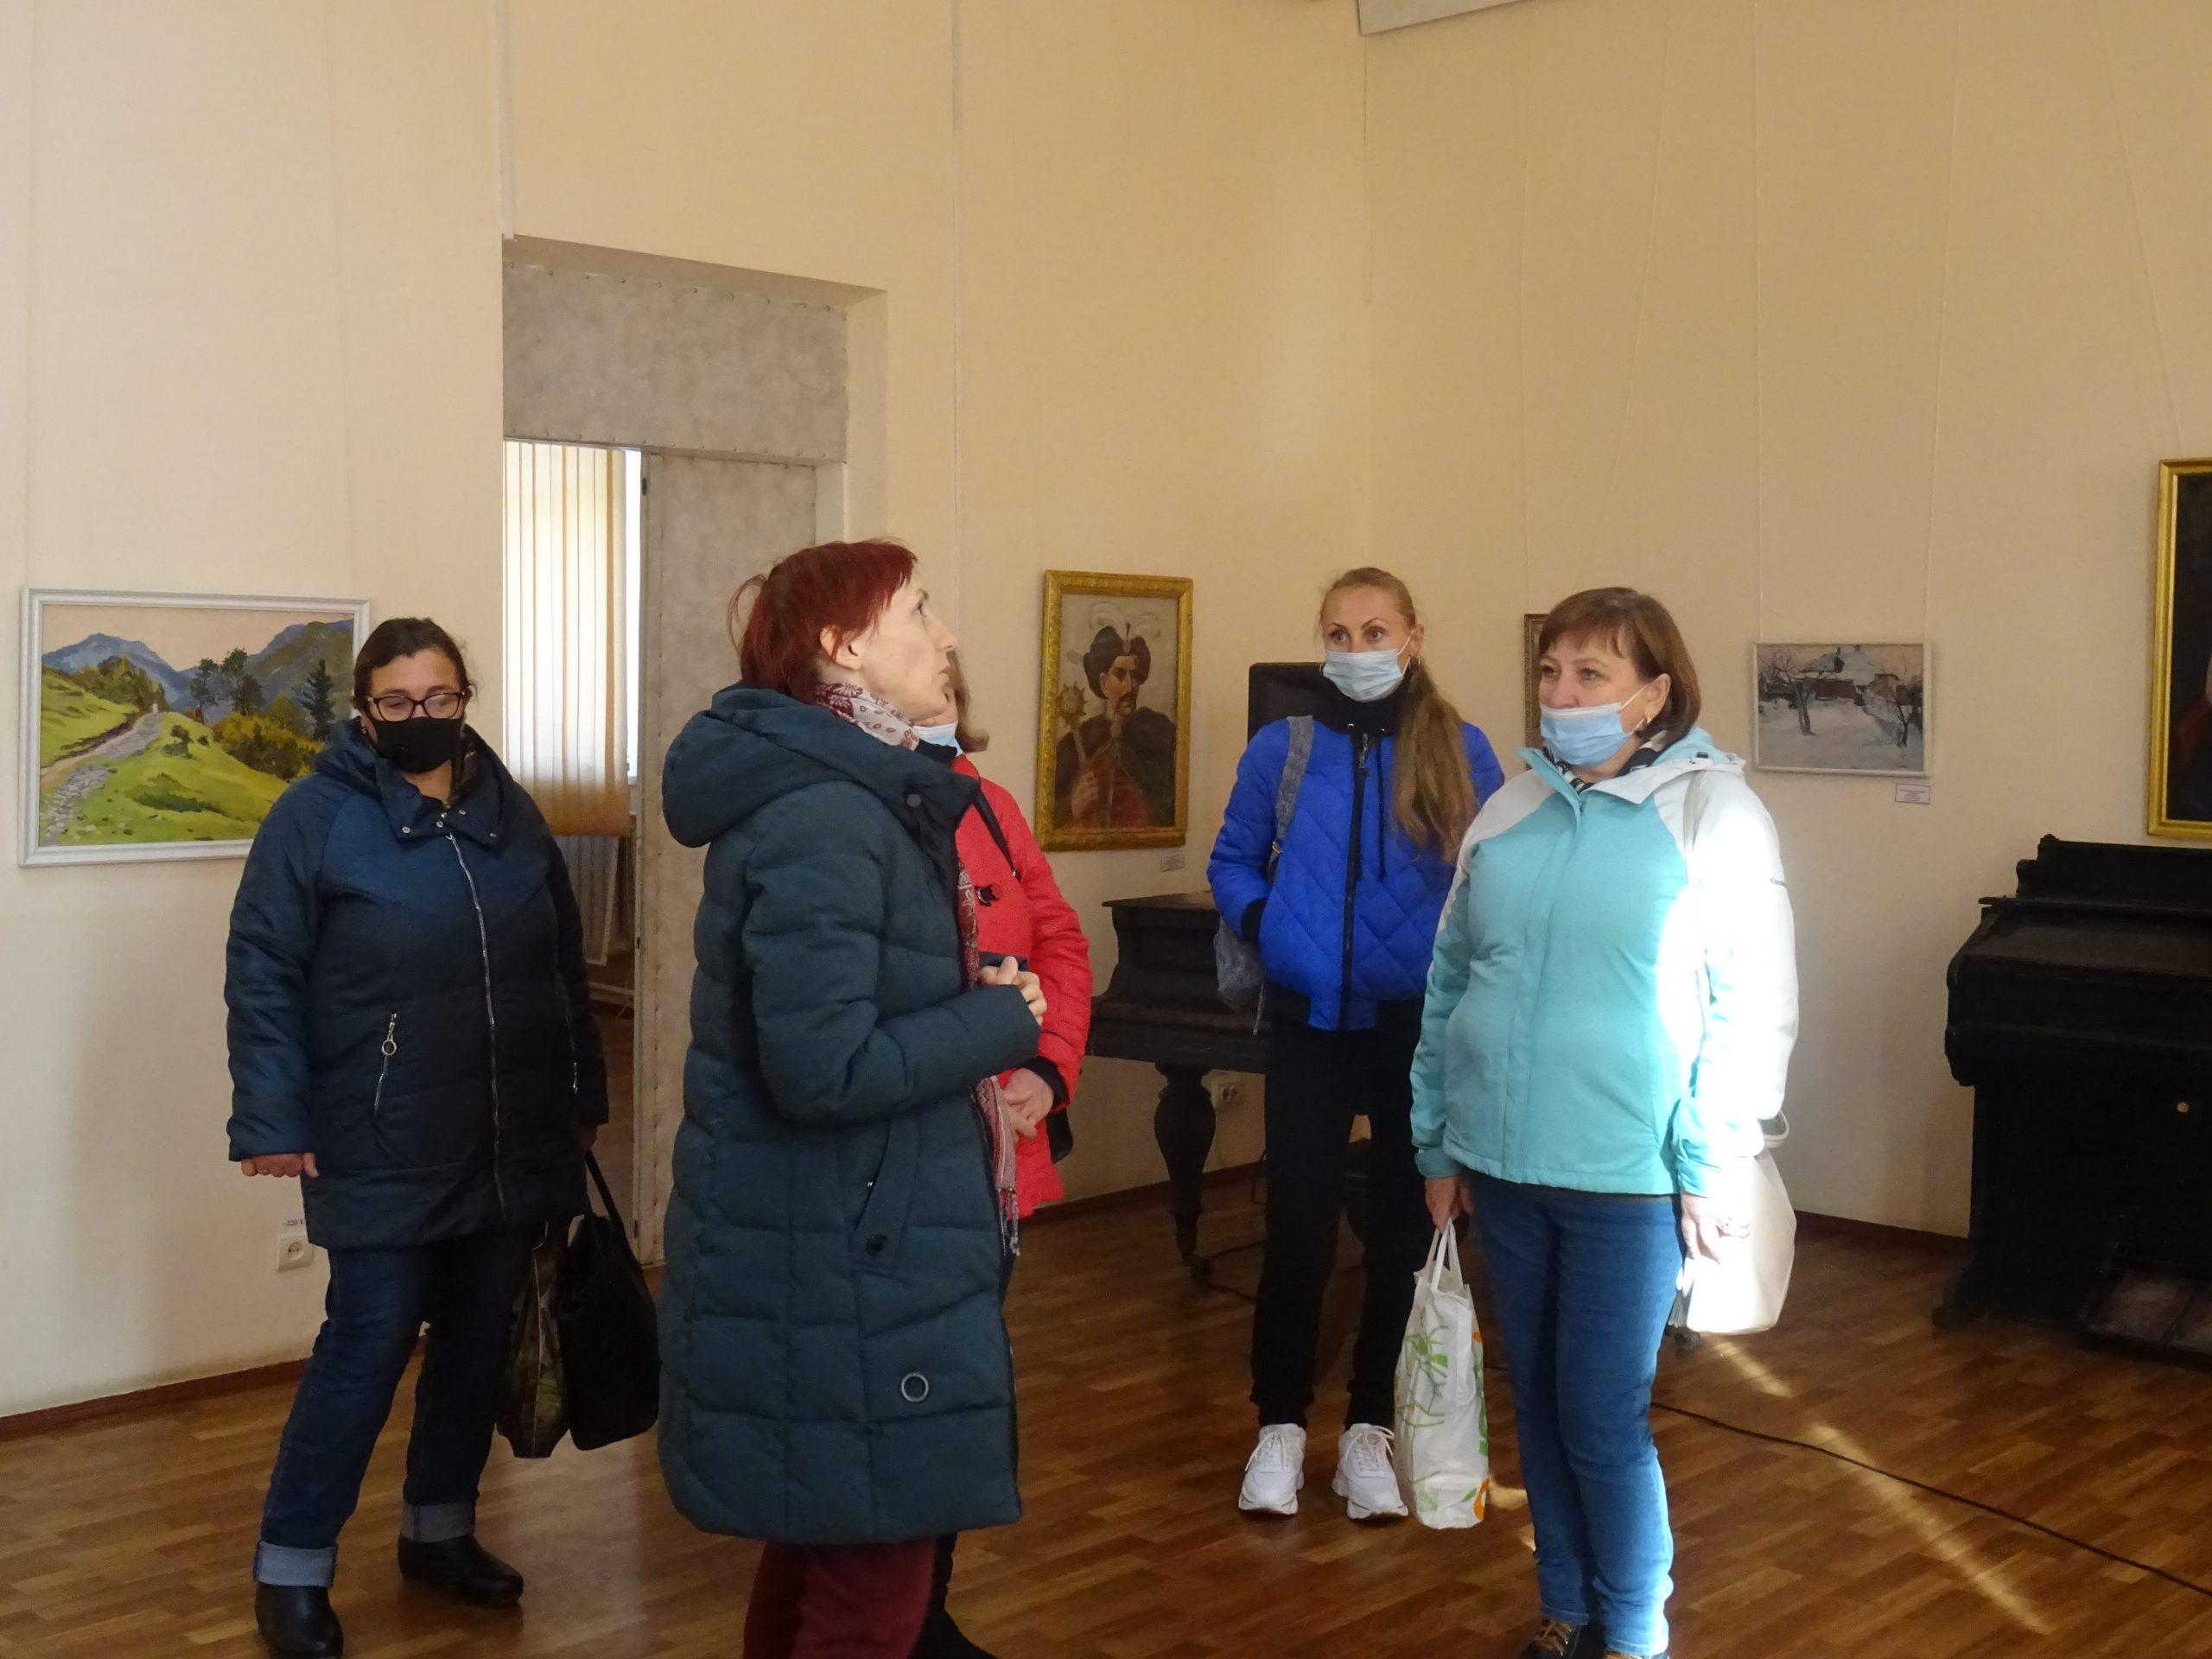 Художня виставка творів Олександра Гофмана та його учнів з фондової колекції музею